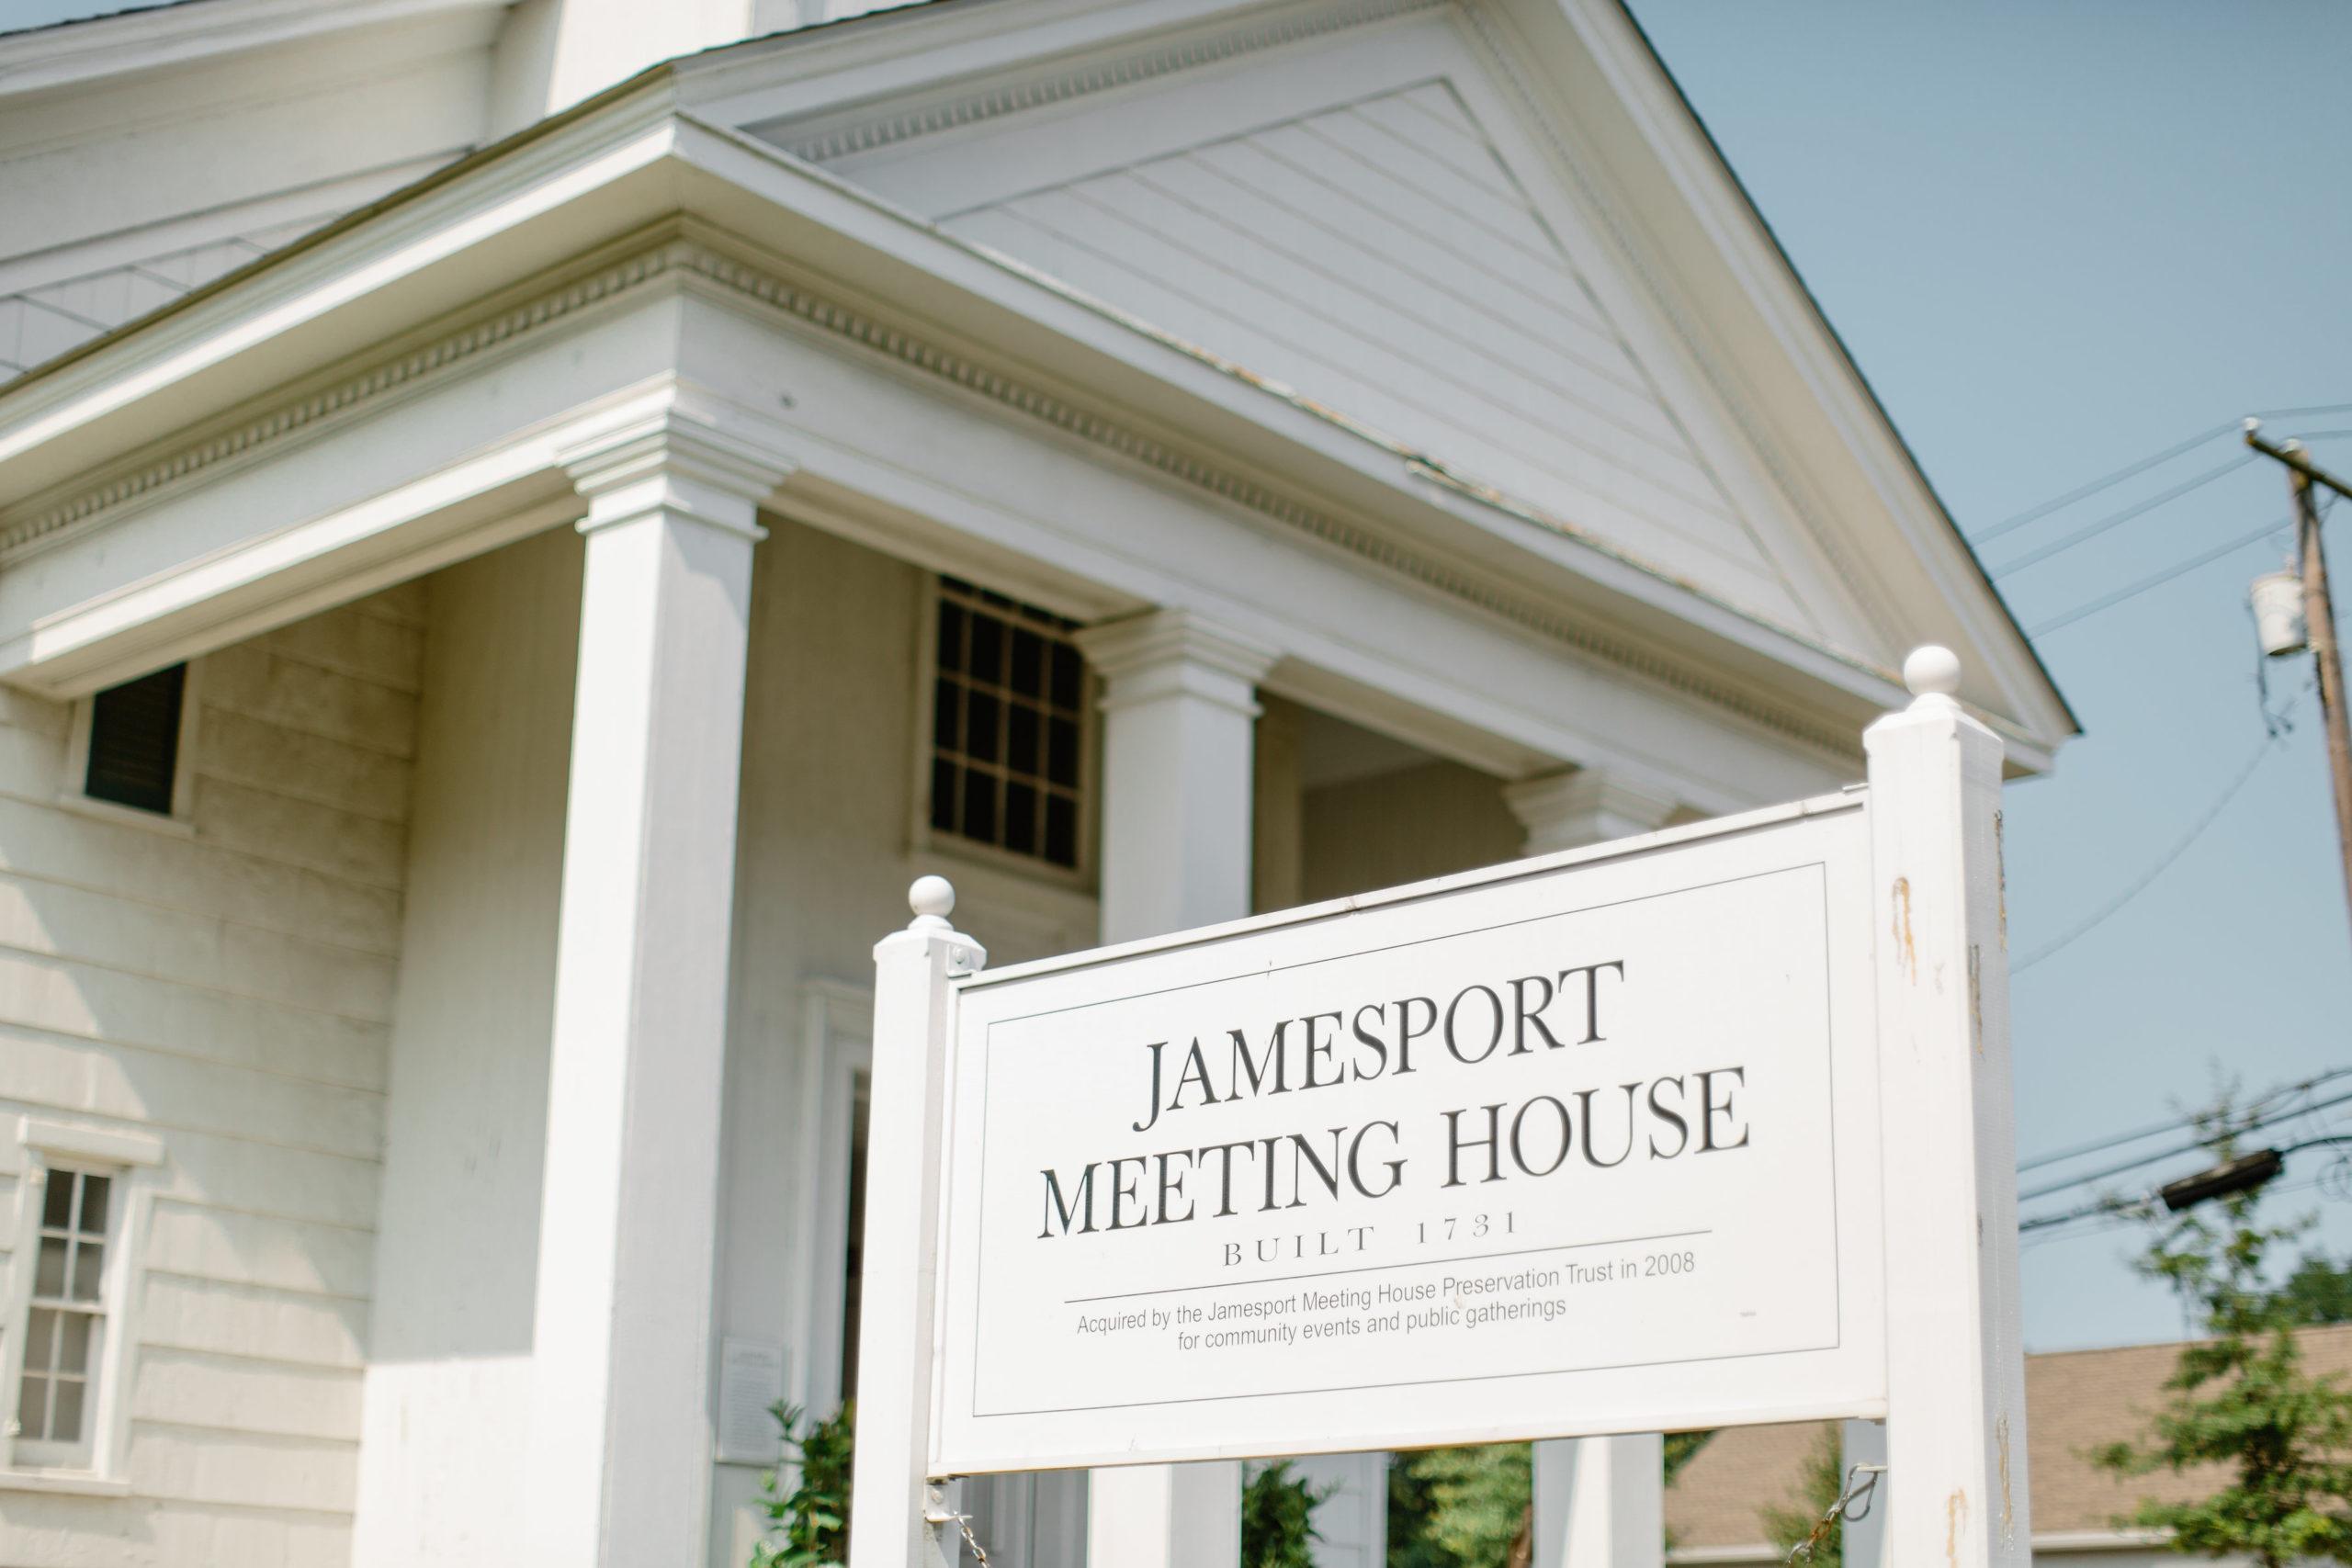 Jamesport Meeting House